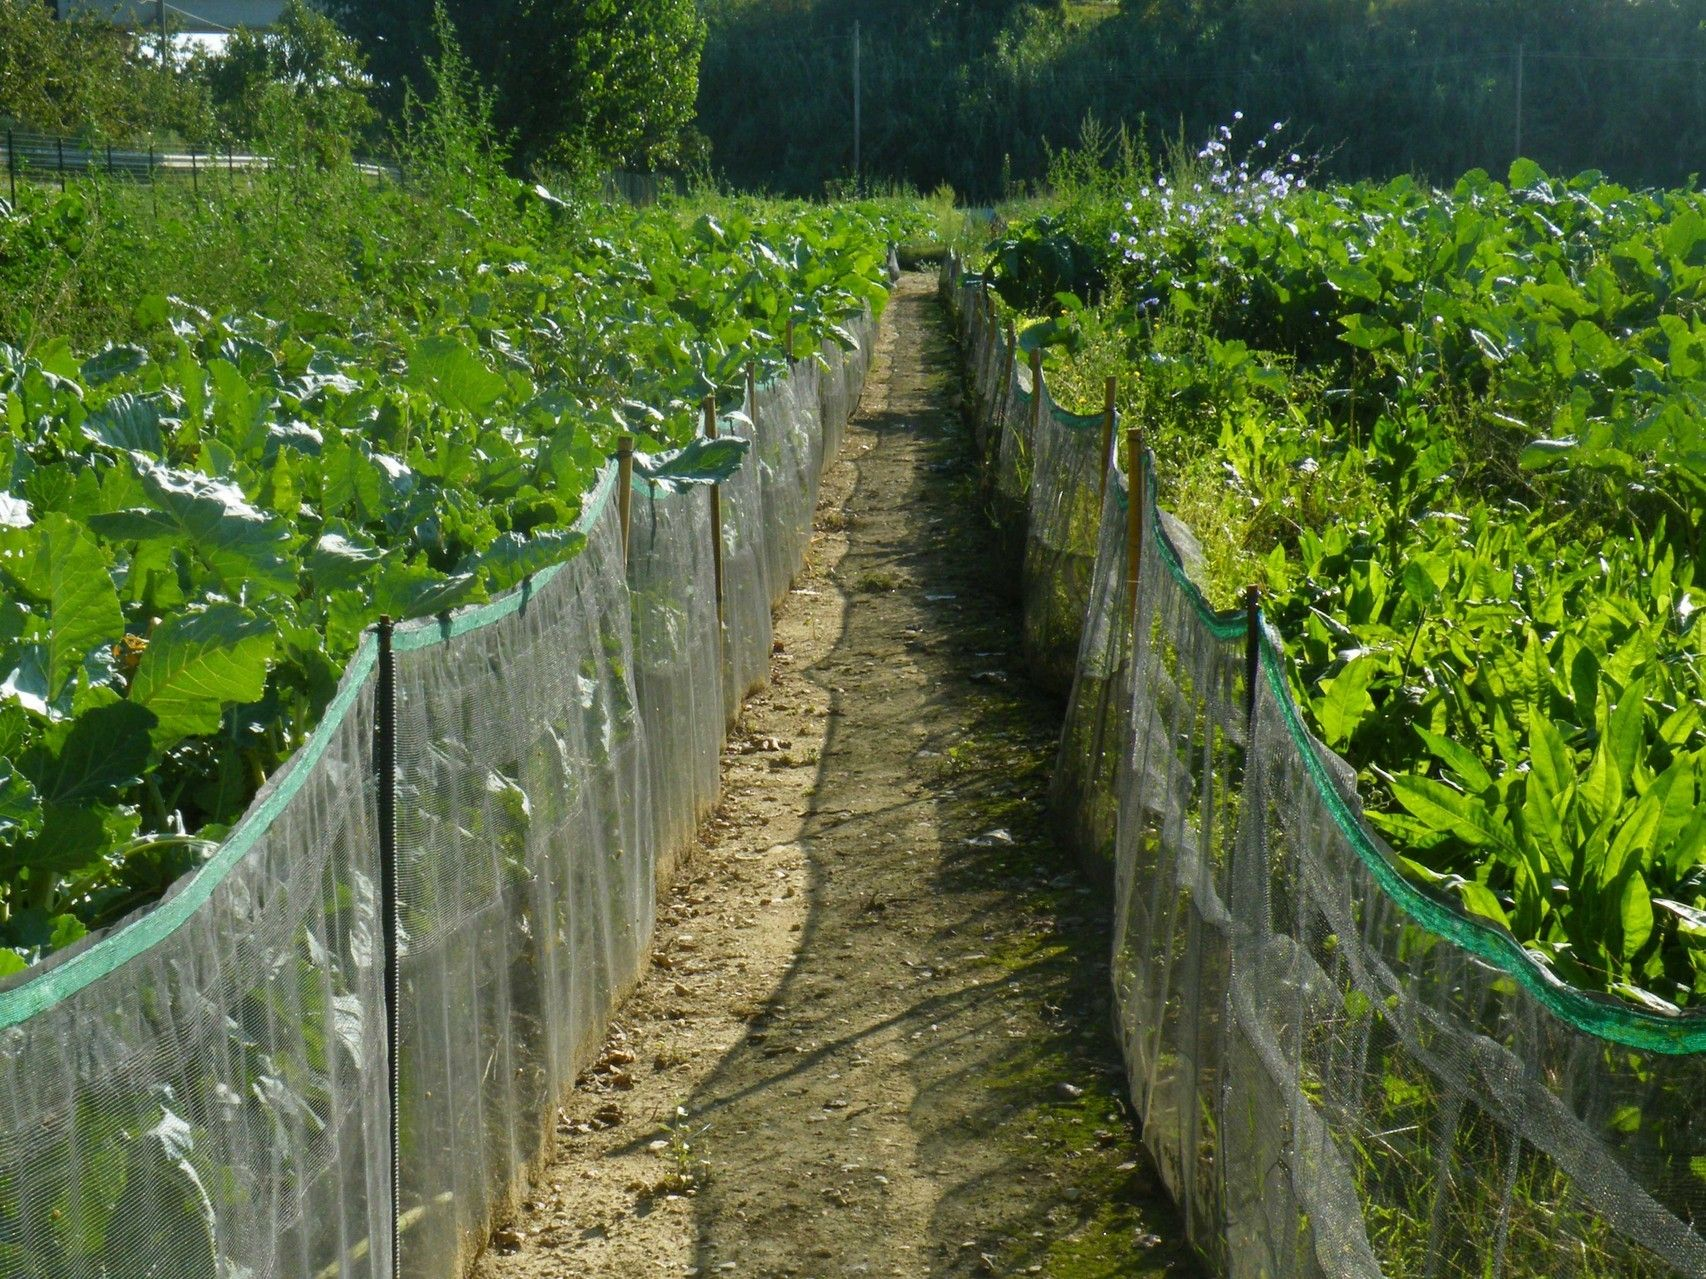 Pin On Wild Life Backyard farming in nigeria